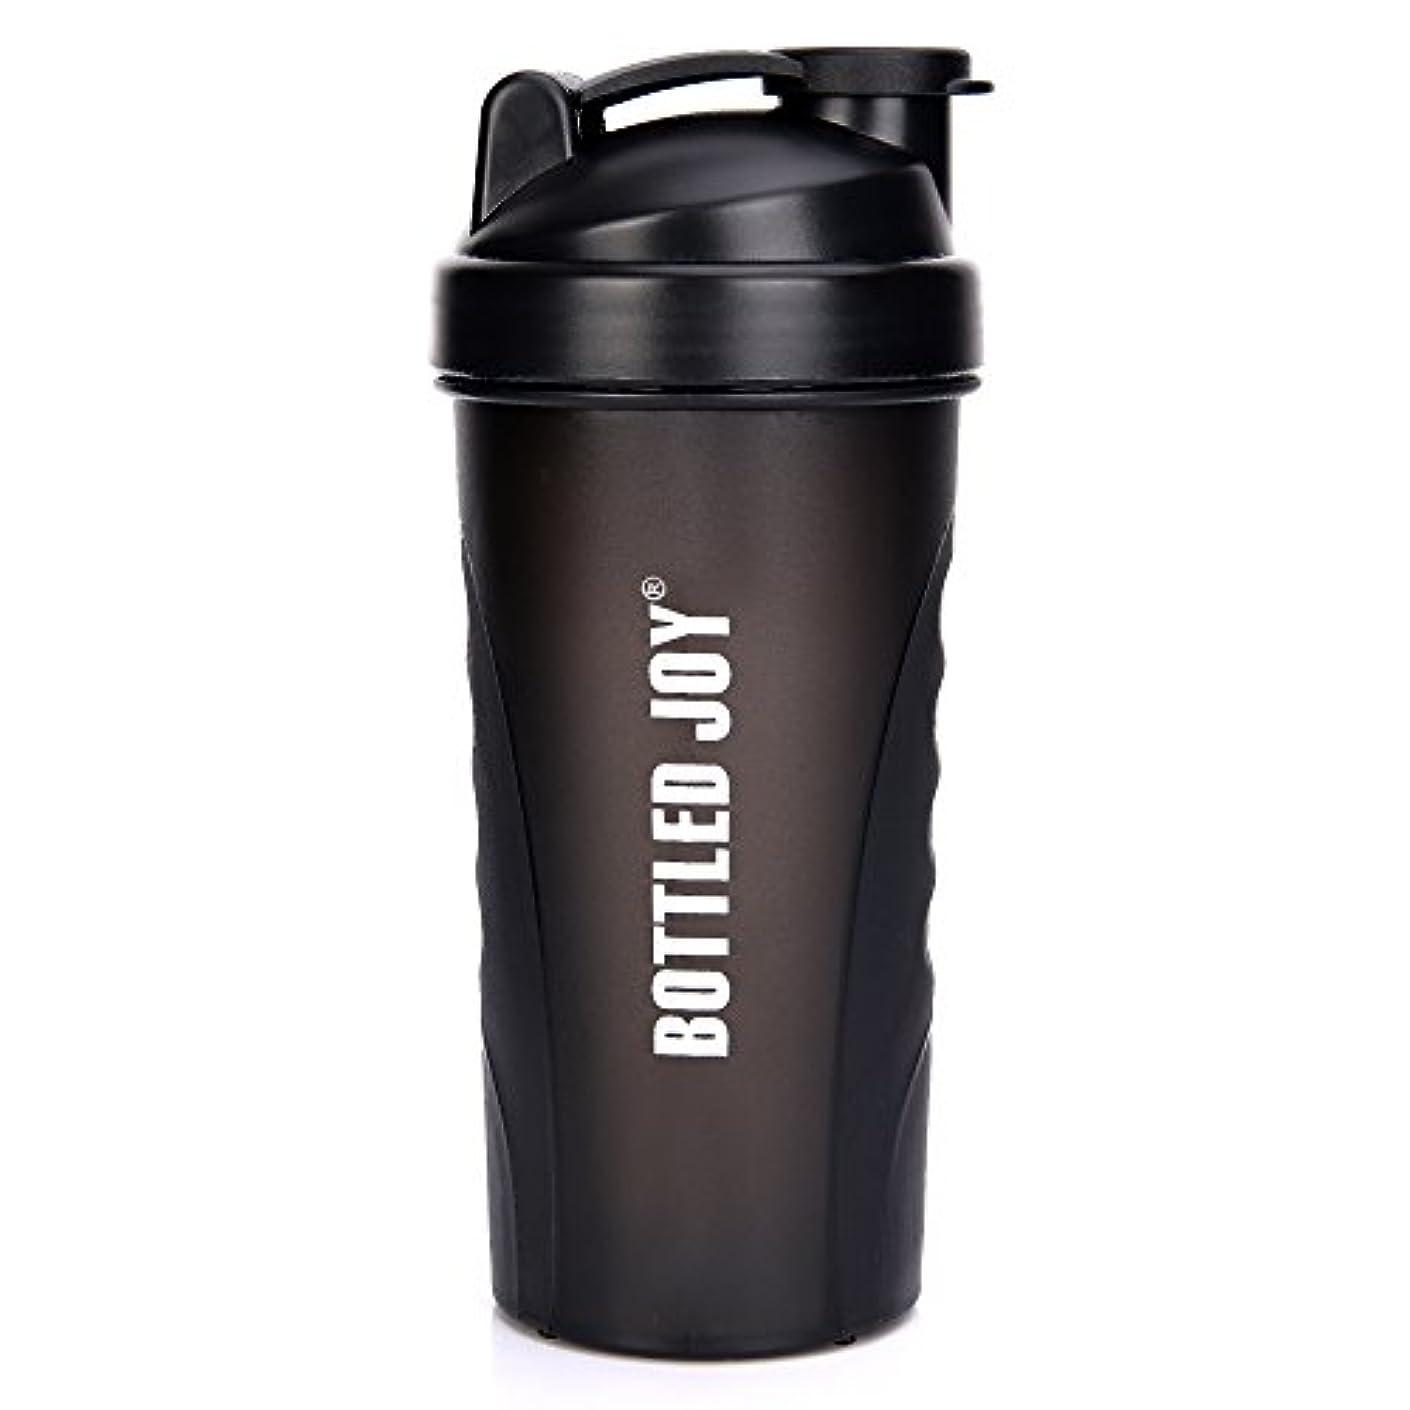 スマイル表現第二BOTTLED JOY プロテインシェイカーボトル グリップ 漏れ防止 スポーツミキサー スポーツ 栄養サプリメント ミックスシェイクボトル すべり止め 27オンス 800ml ブラック